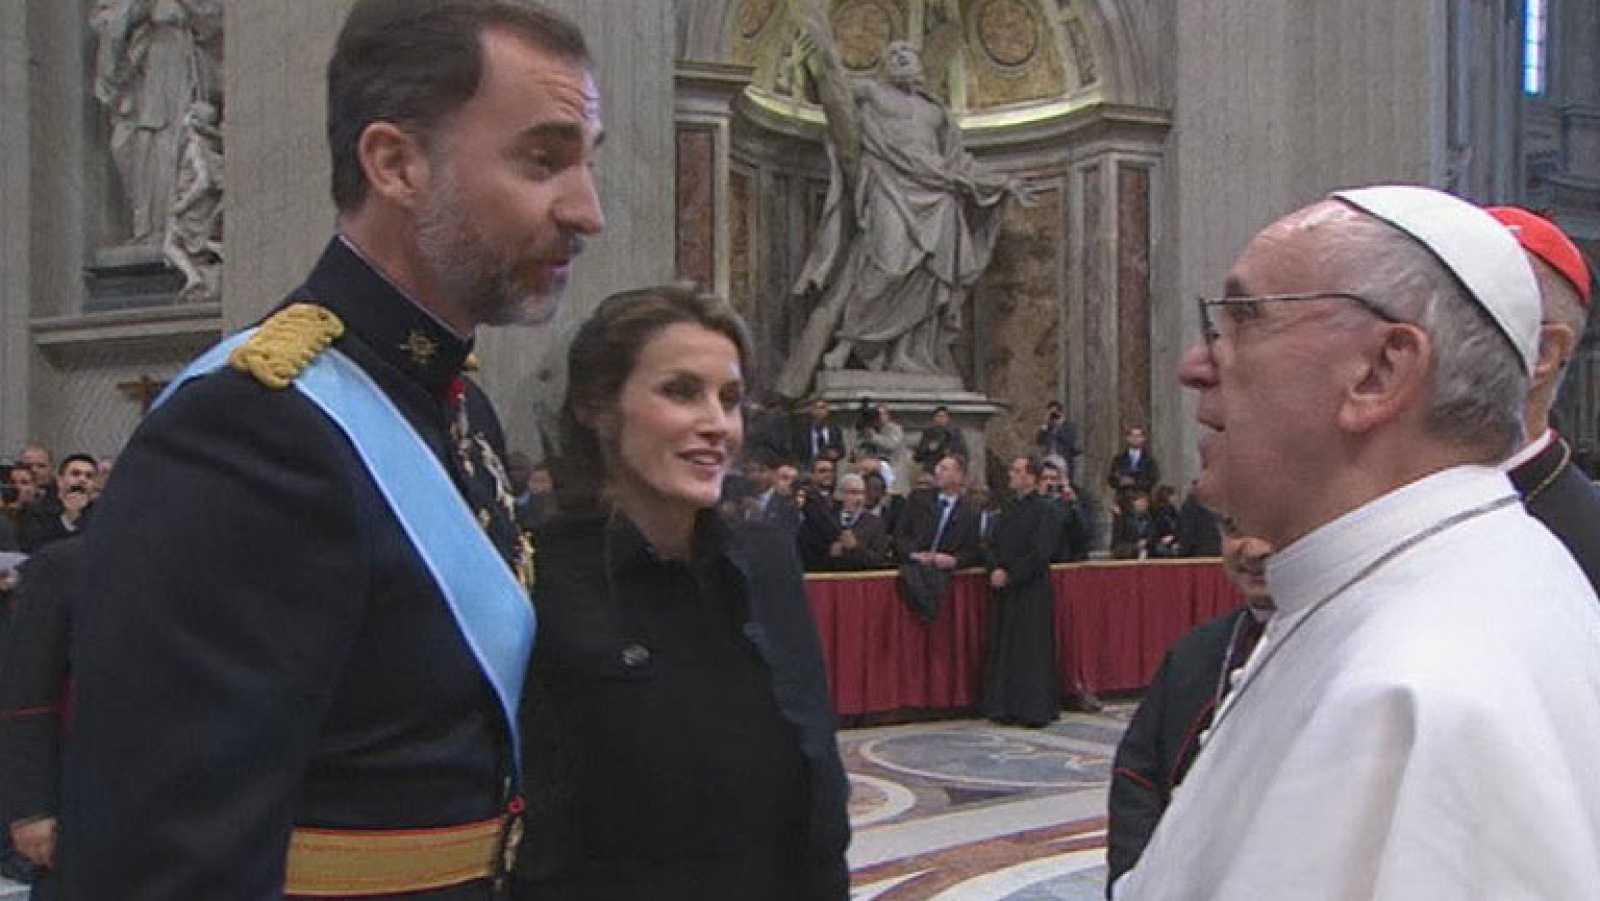 Los príncipes y Rajoy saludan al papa Francisco